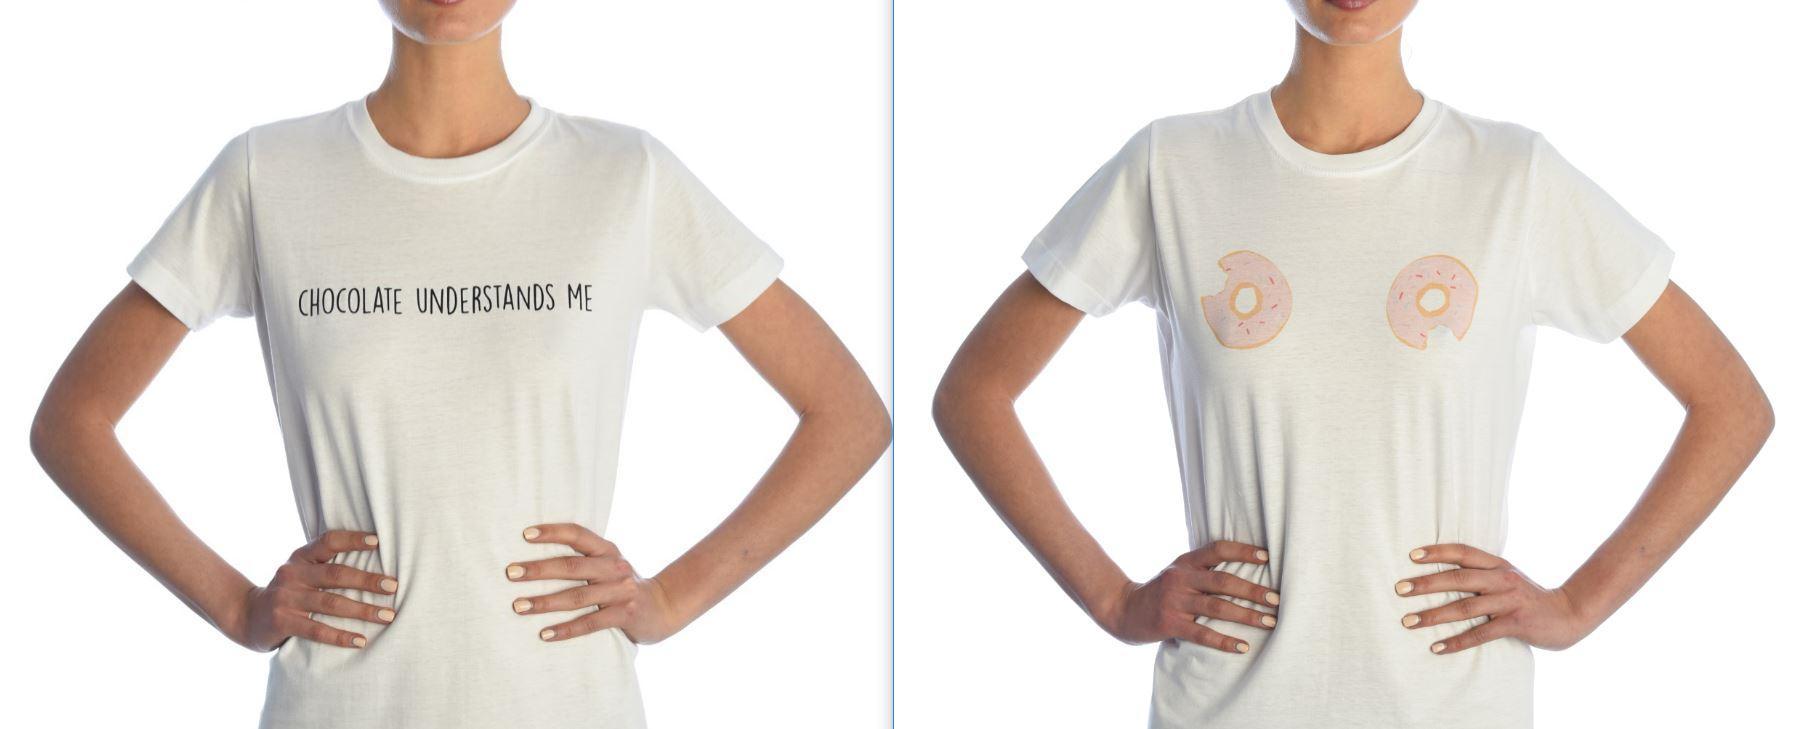 Glimmed è diventato famoso anche per le scritte sulle t-shirt.